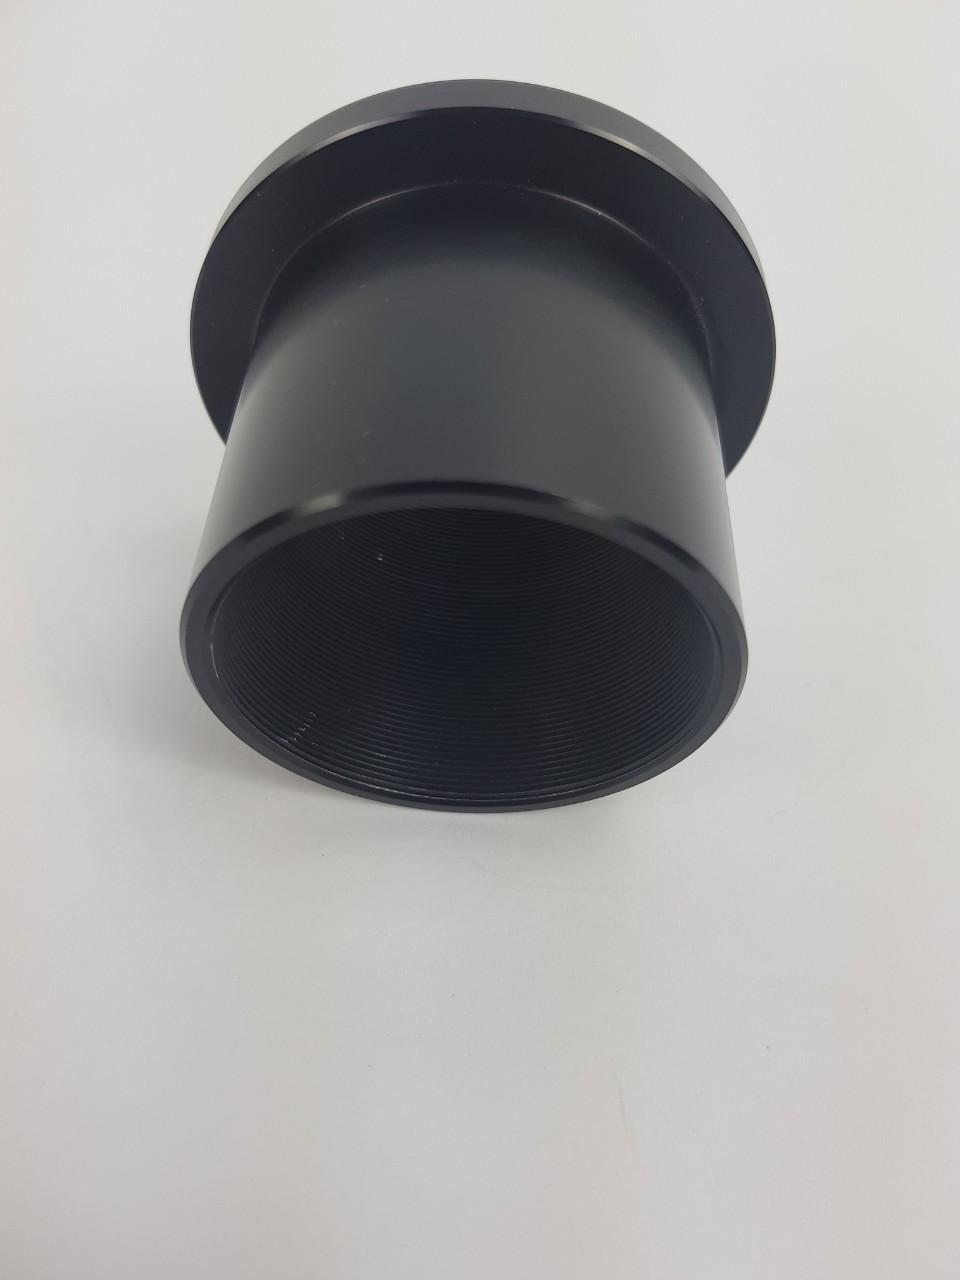 Adattatore per SCT Corrector II su Canon EOS-  USATO